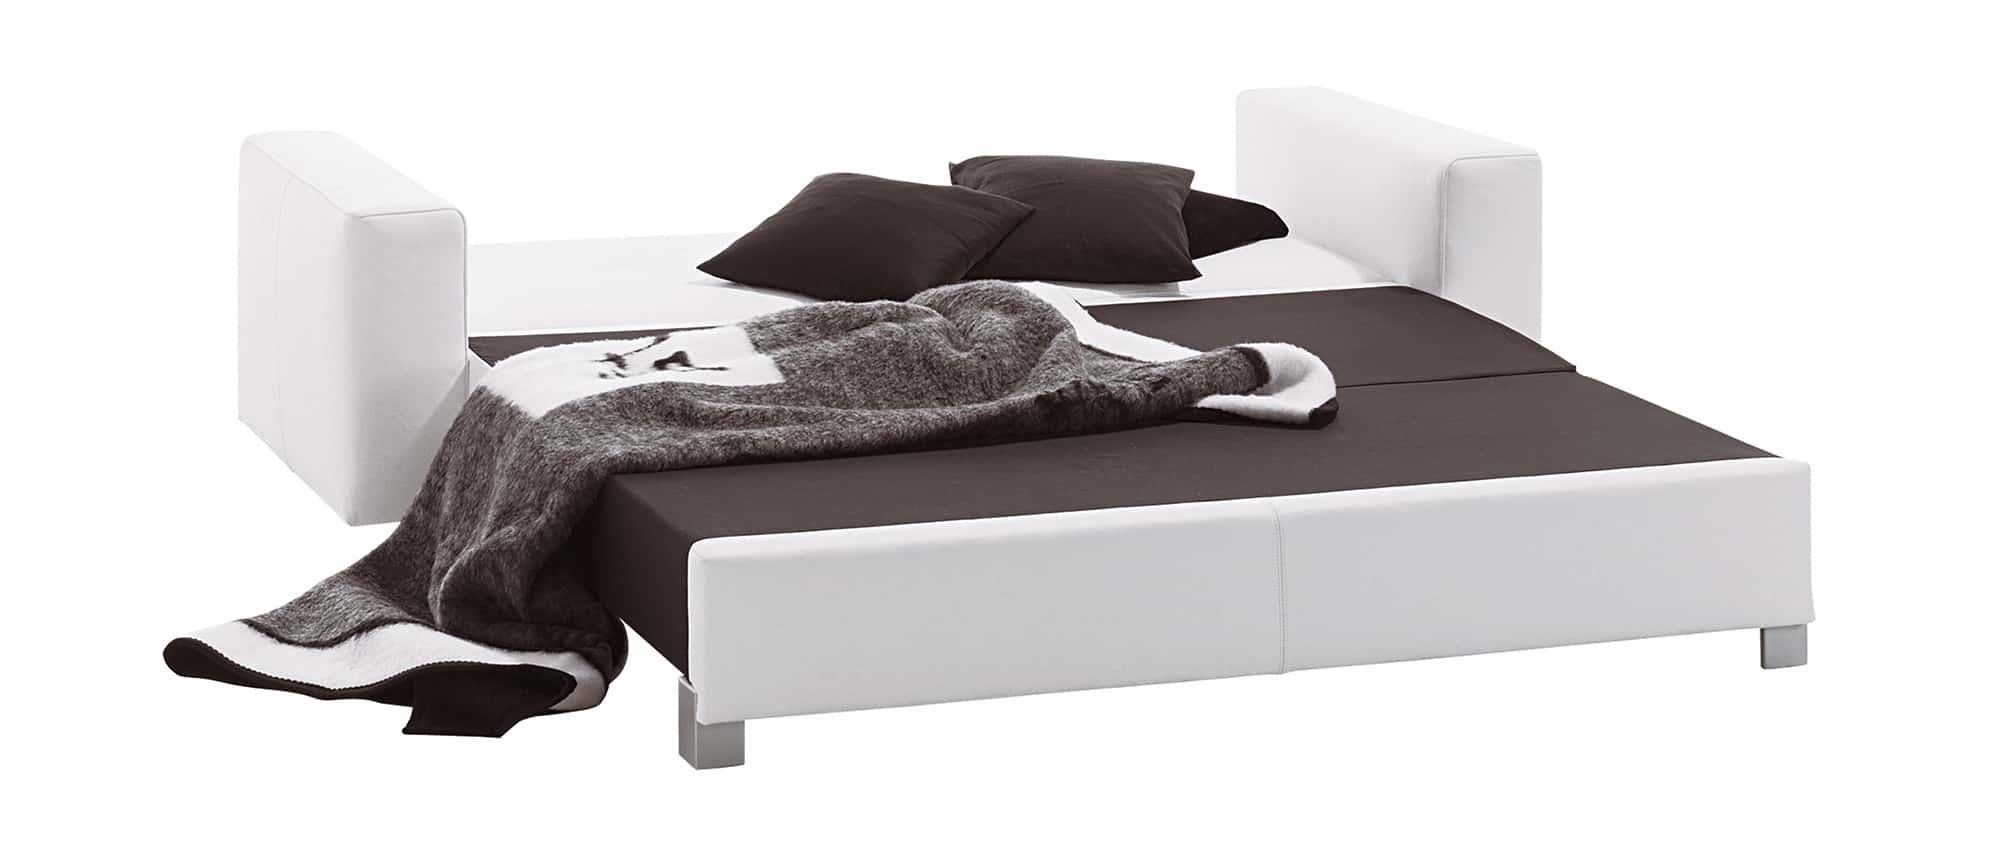 MINNIE Schlafsofa von Franz Fertig - das ideale Gästebett für 2 - 3 Personen. Sofa in weiß. Auch in schwarz, grau, grün, gelb, braun usw. erhältlich.